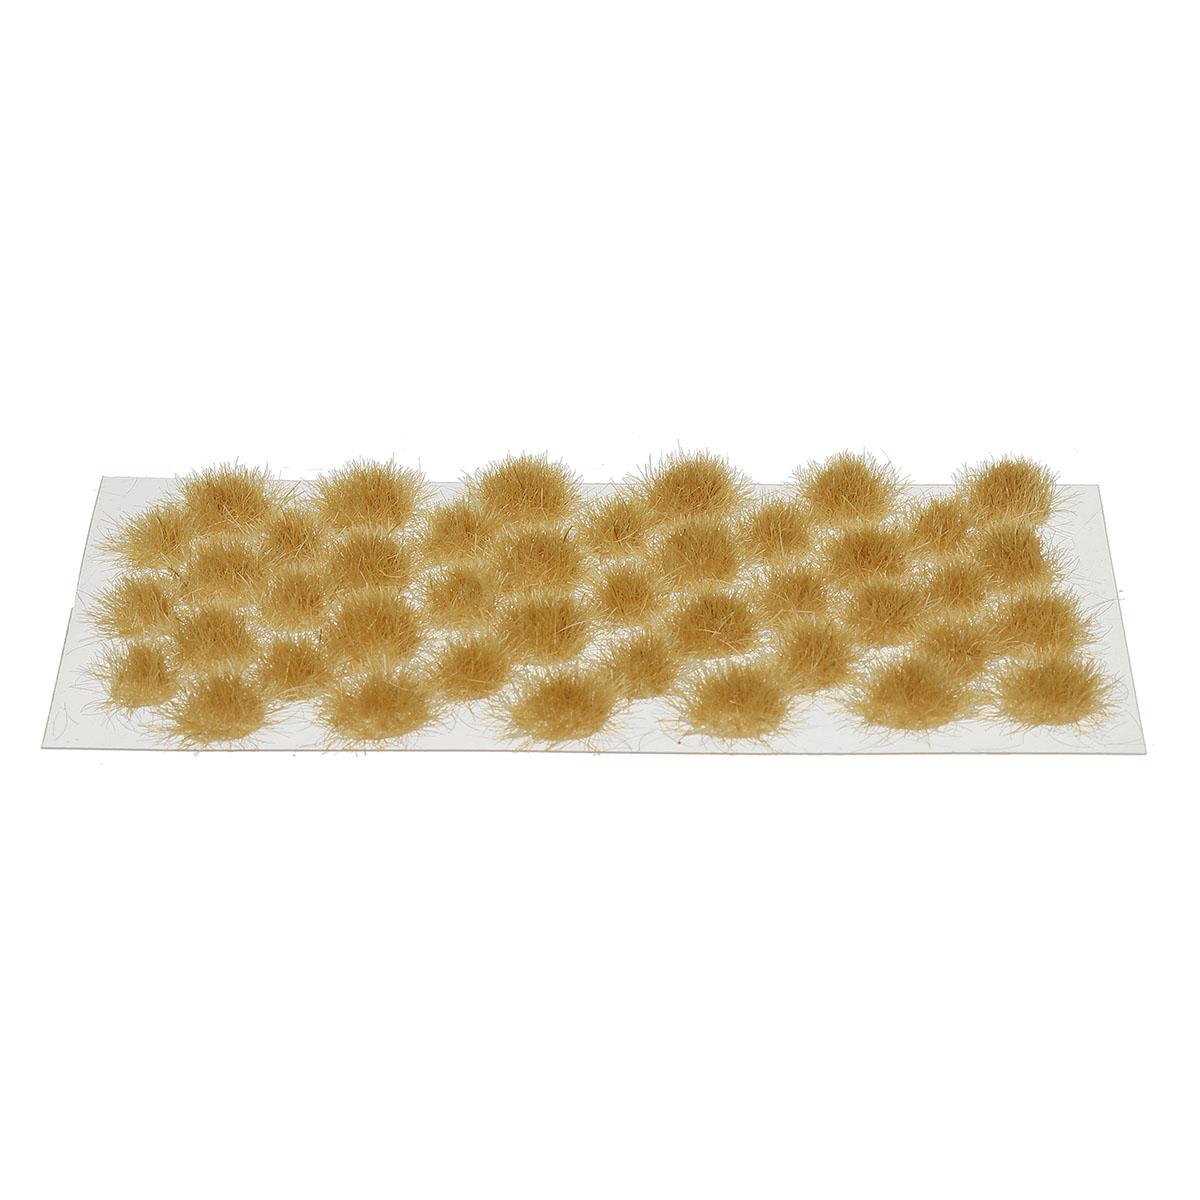 Decorazioni per tappeti accessori fai-da-te sintetici artificiali in polvere modello erba sintetica